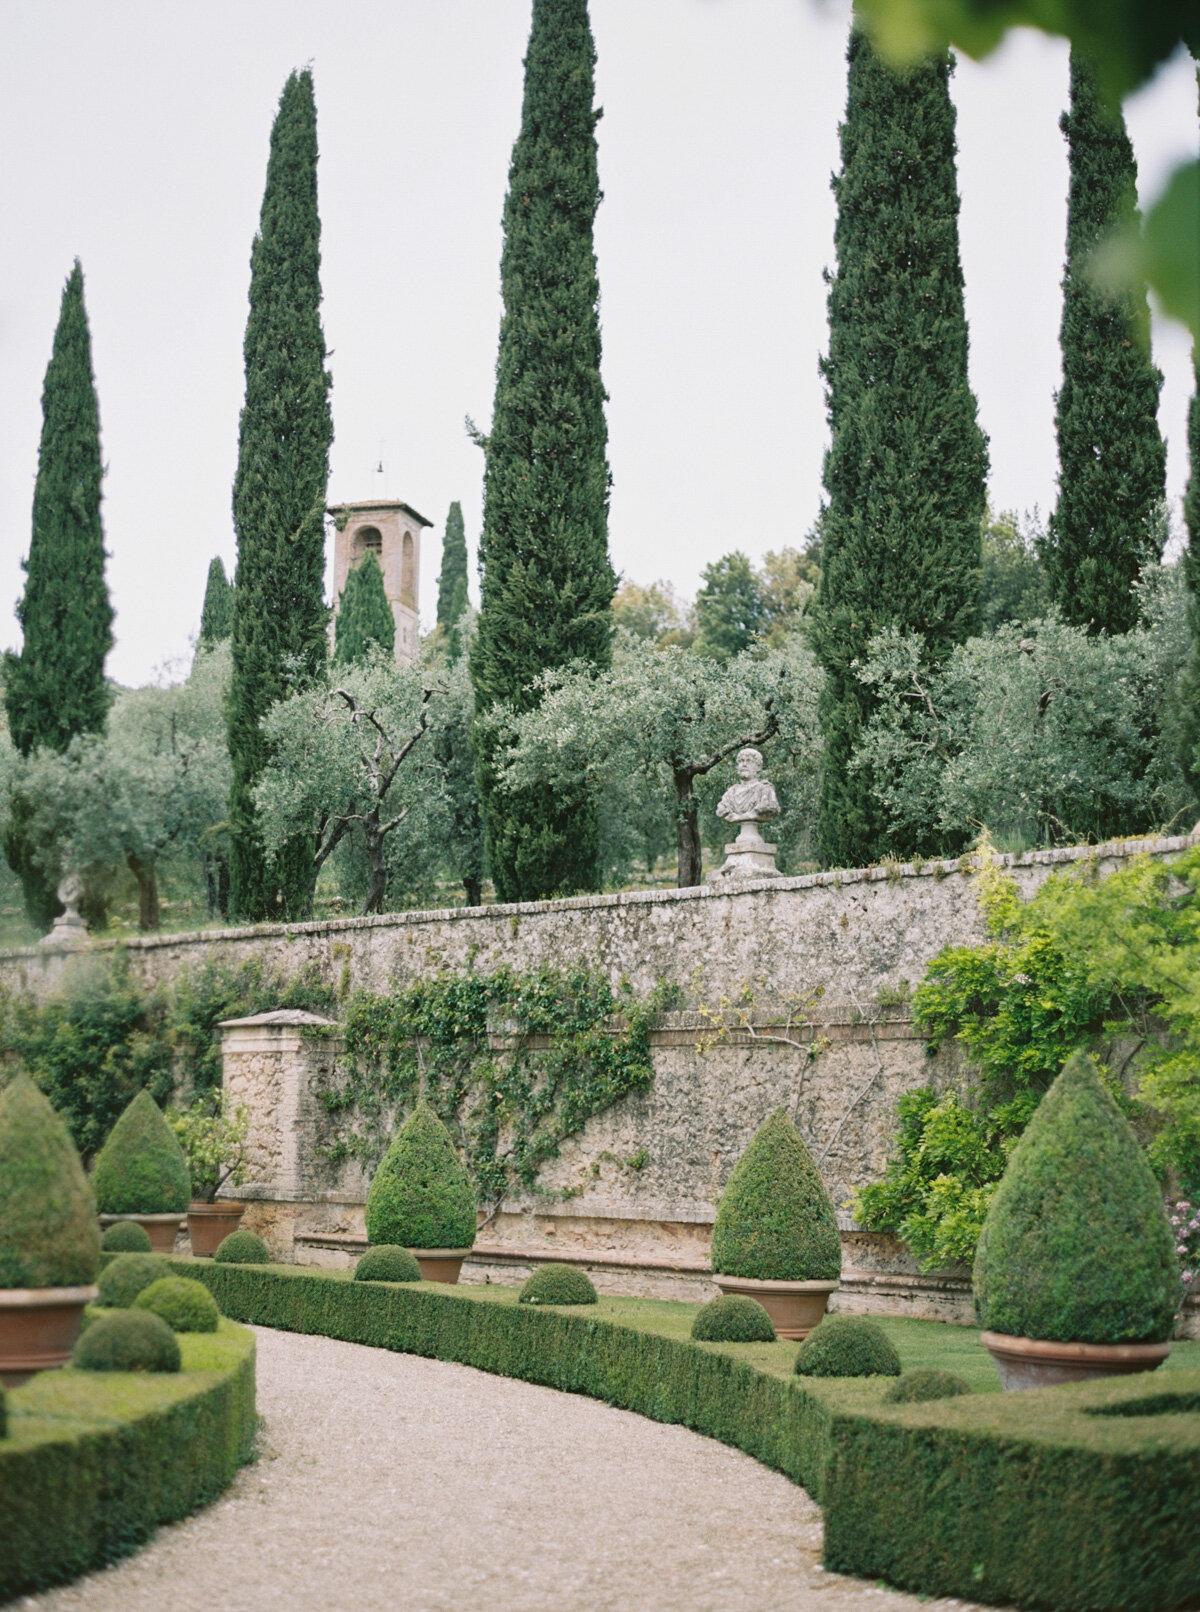 Villa-Cetinale-Tuscany-Katie-Grant-destination-wedding (6 of 115).jpg